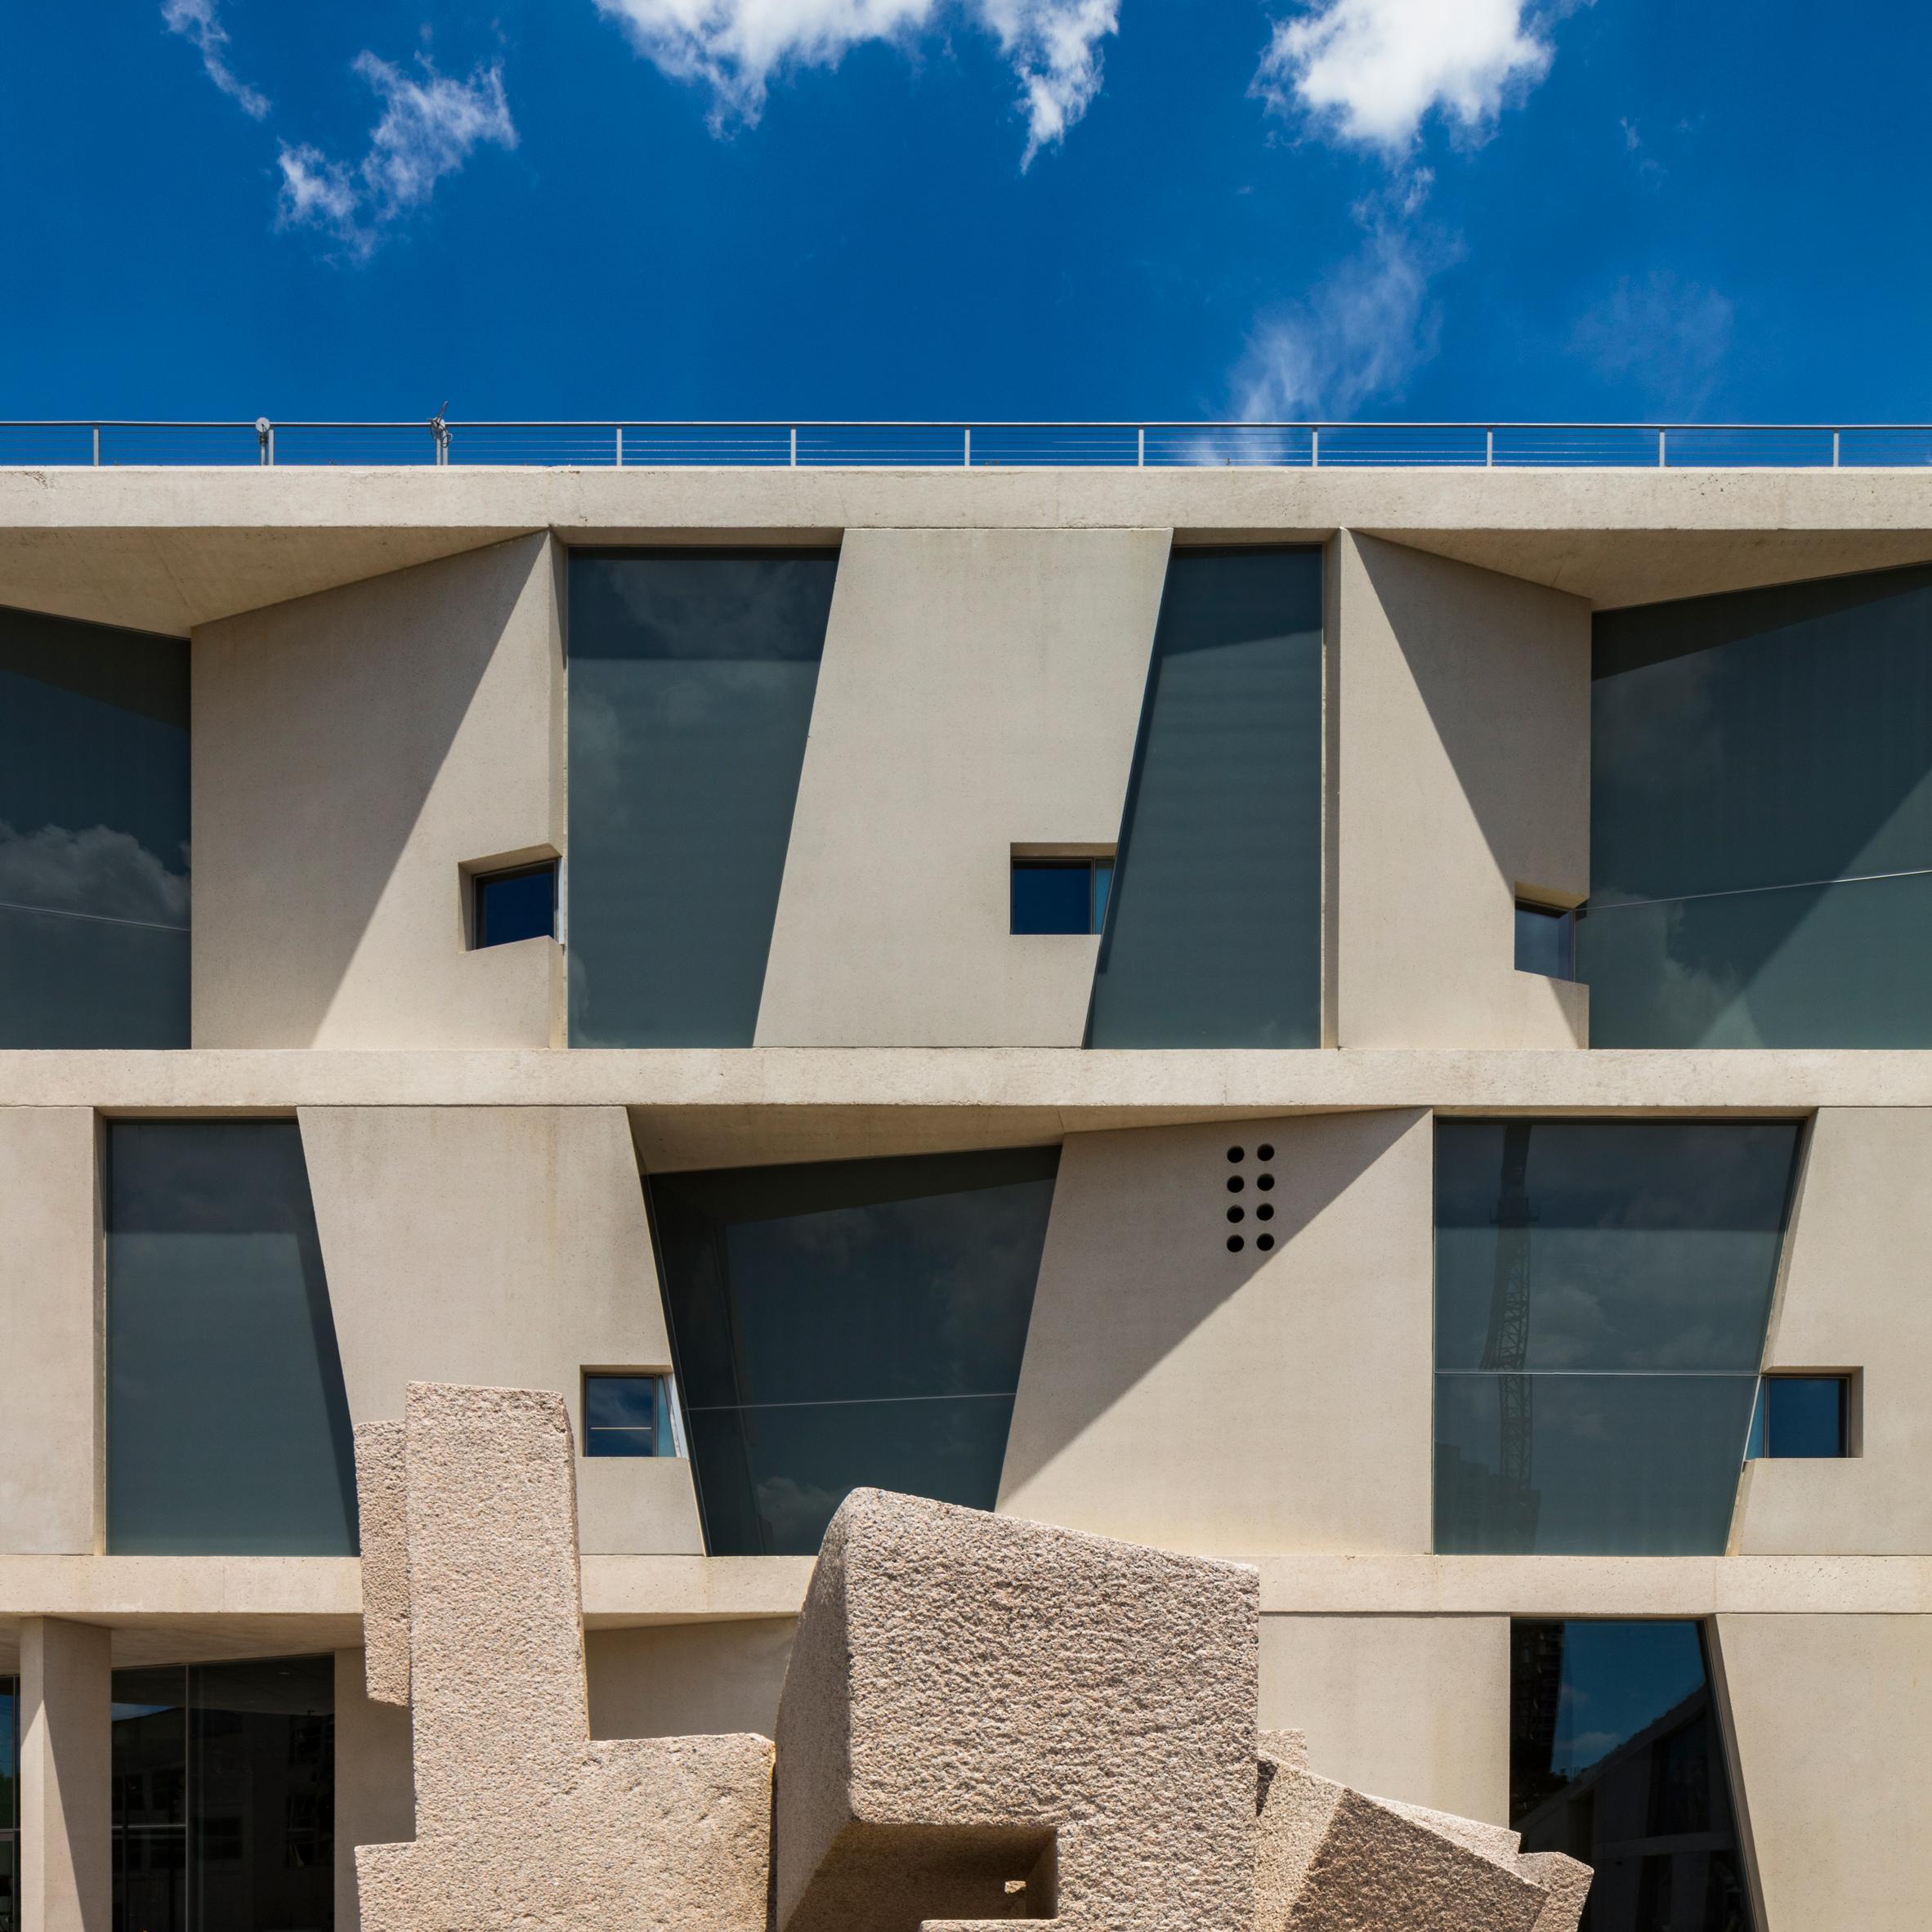 Glassel School of Art by Steven Holl